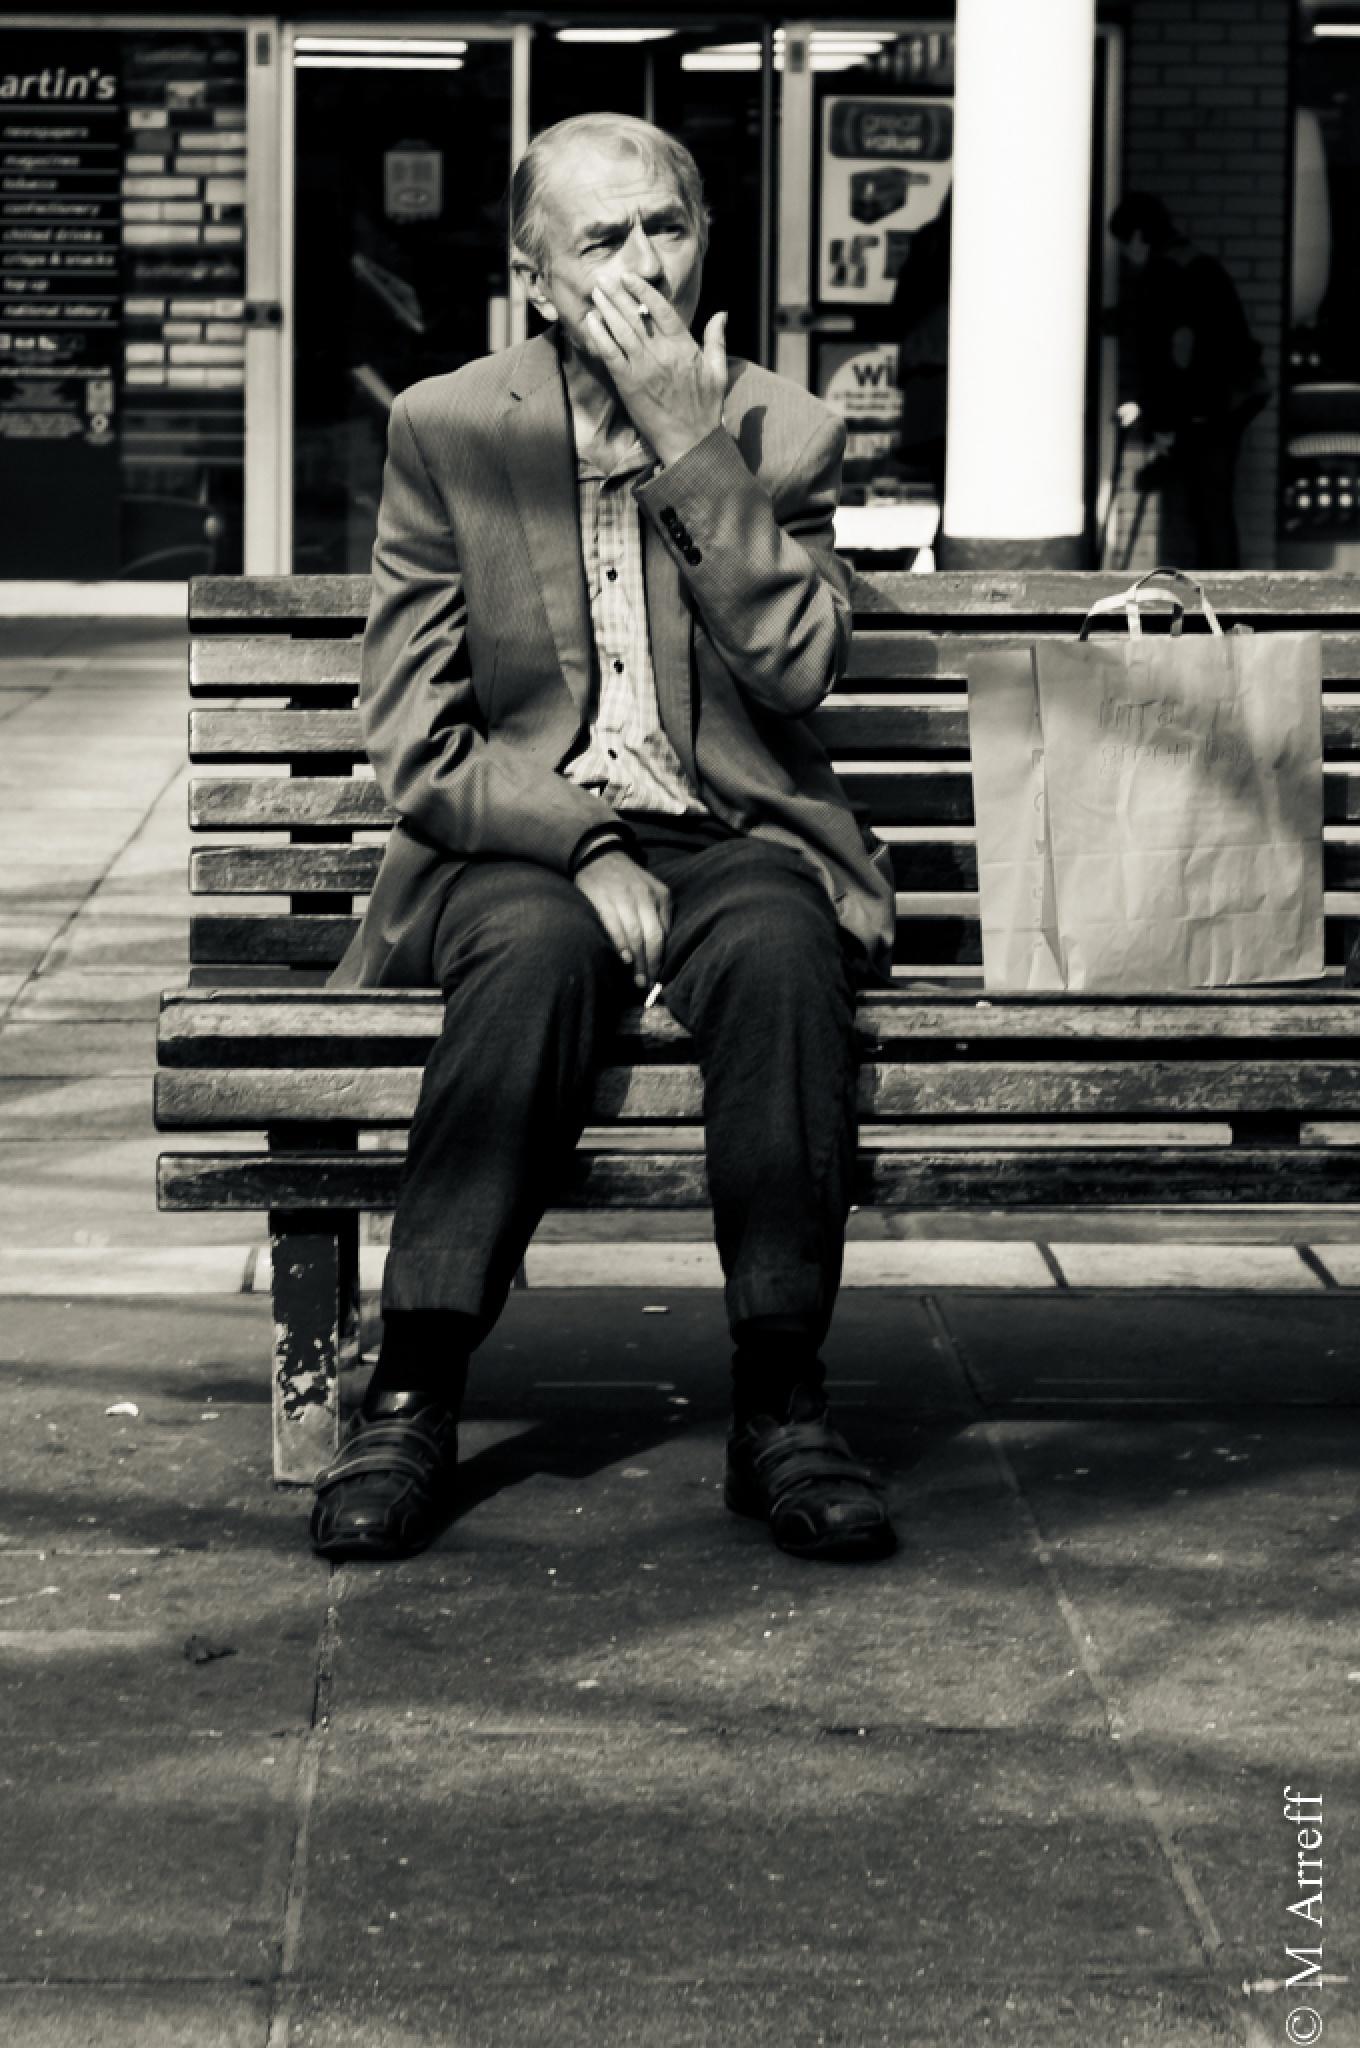 Man by Mike Arreff